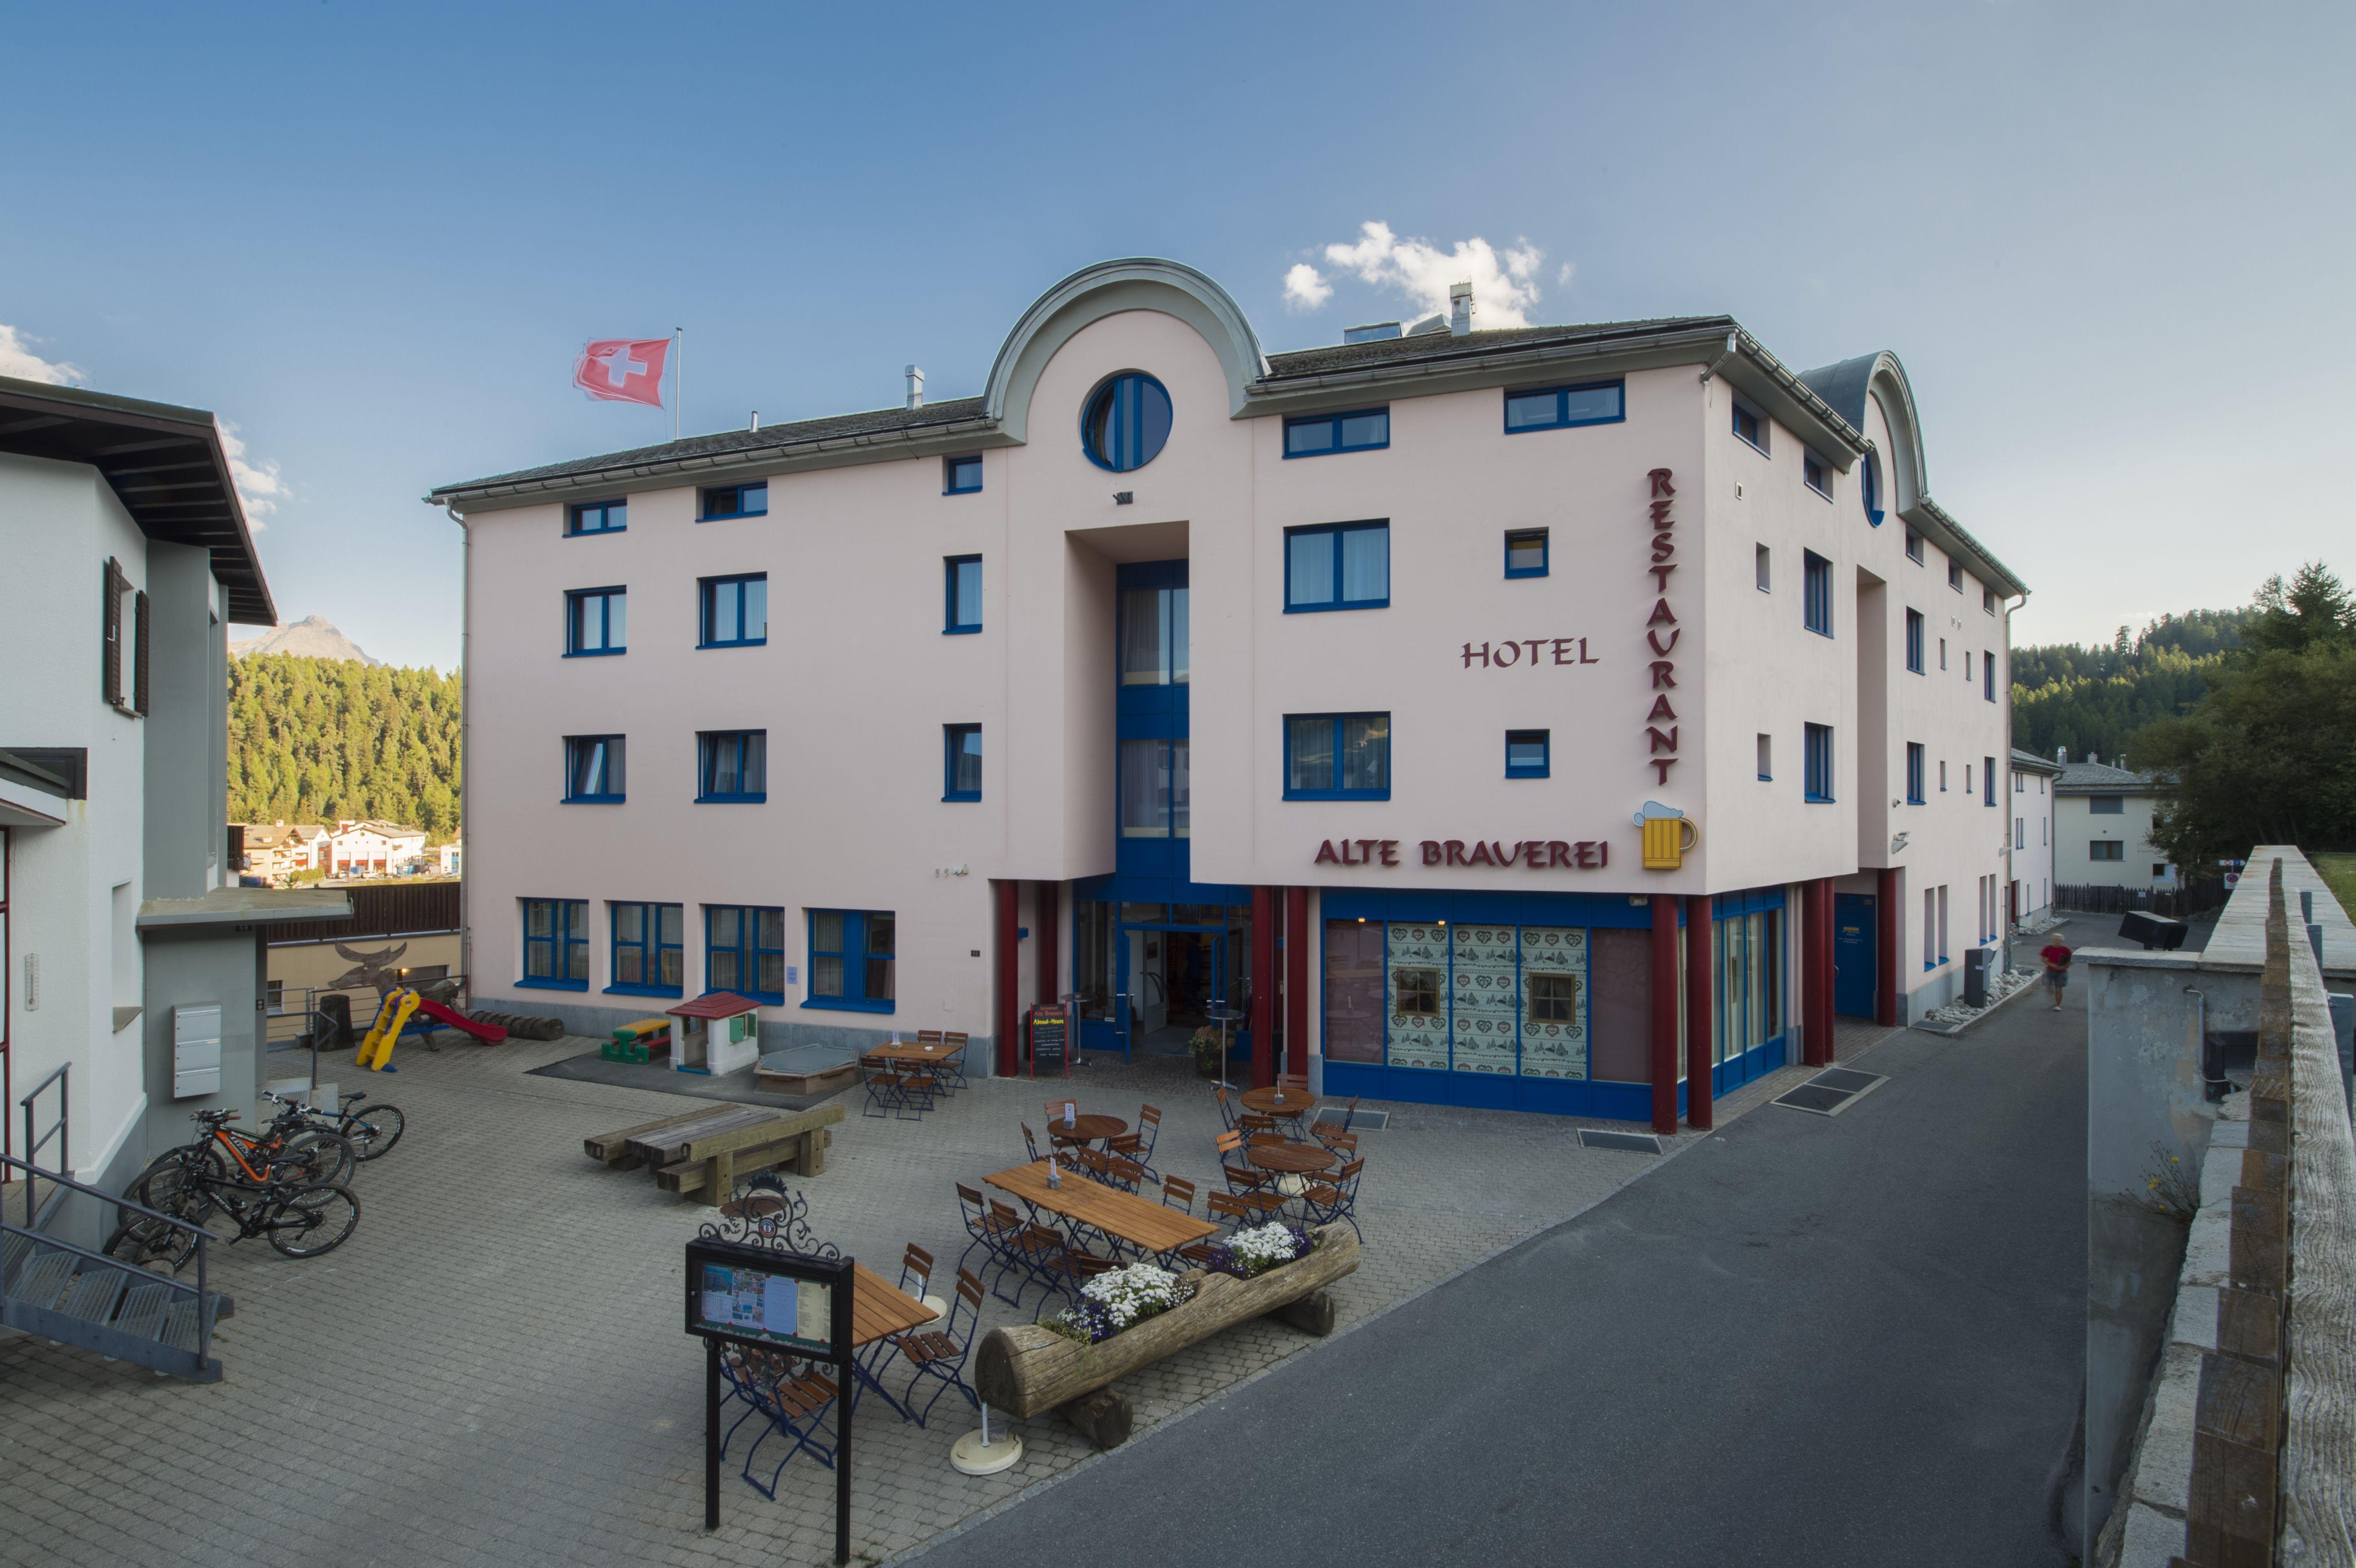 Hotel-Restaurant Alte Brauerei